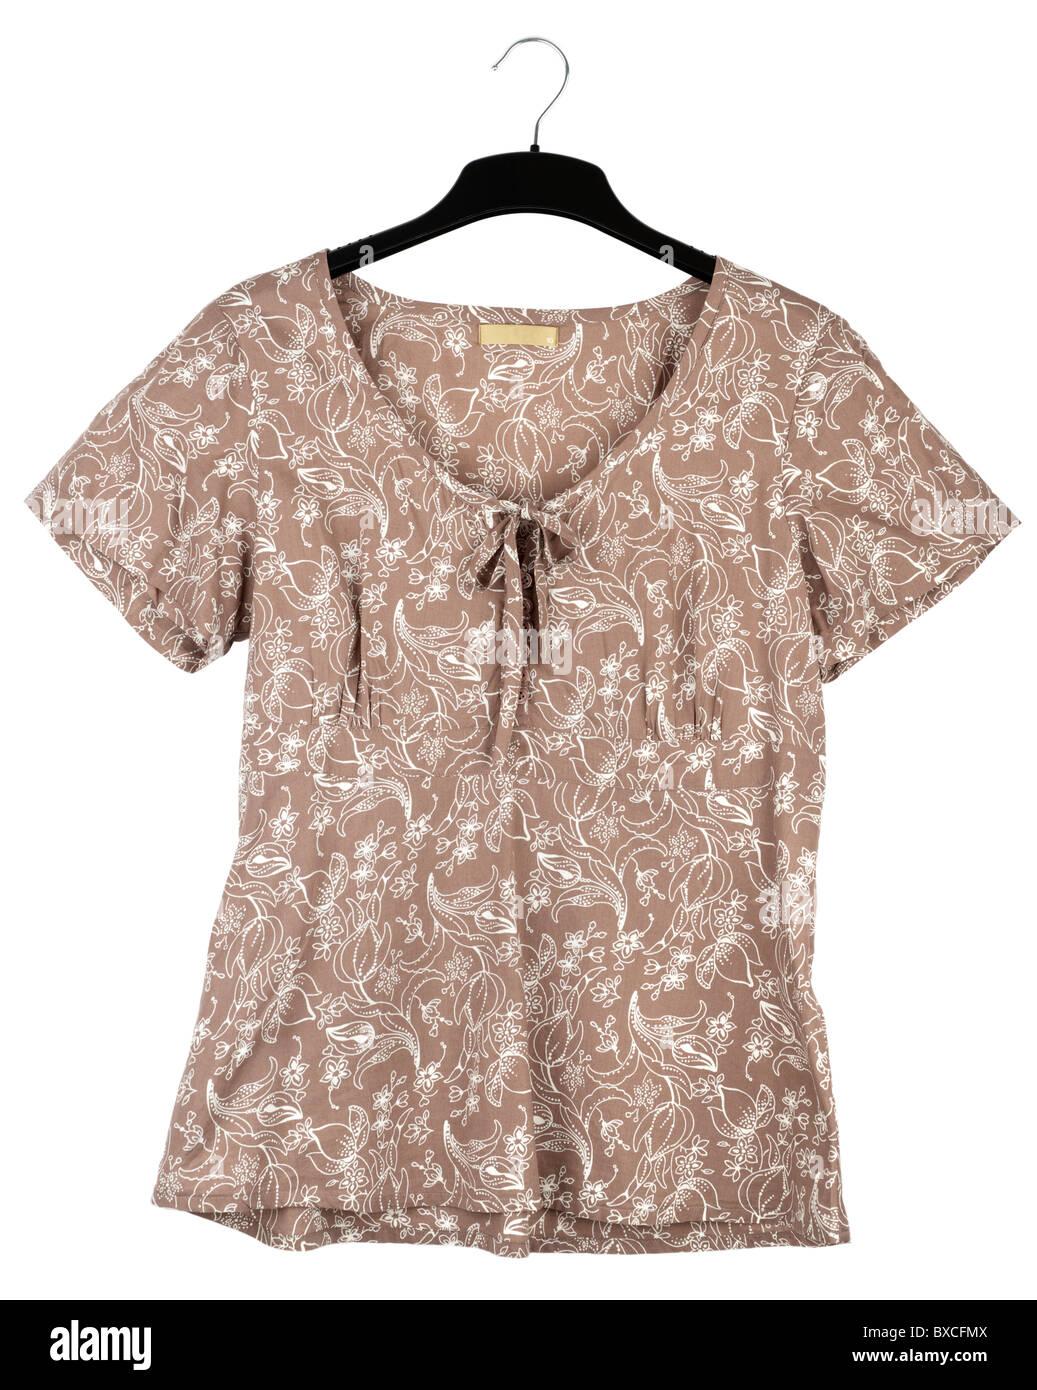 Mesdames brun et blanc à manches courtes blouse à motifs Photo Stock